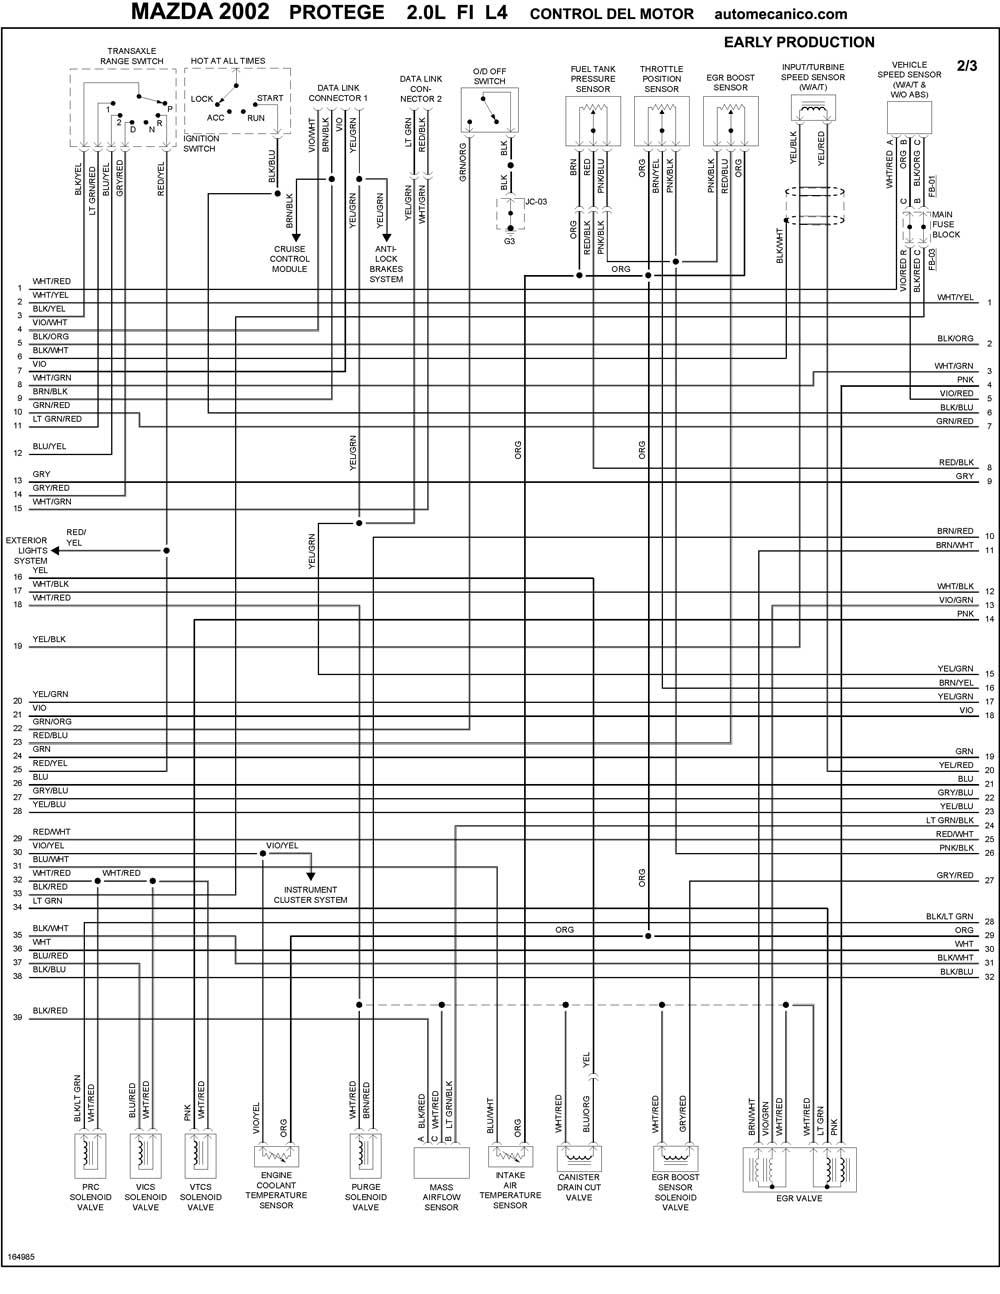 mazda protege5 Diagrama del motor